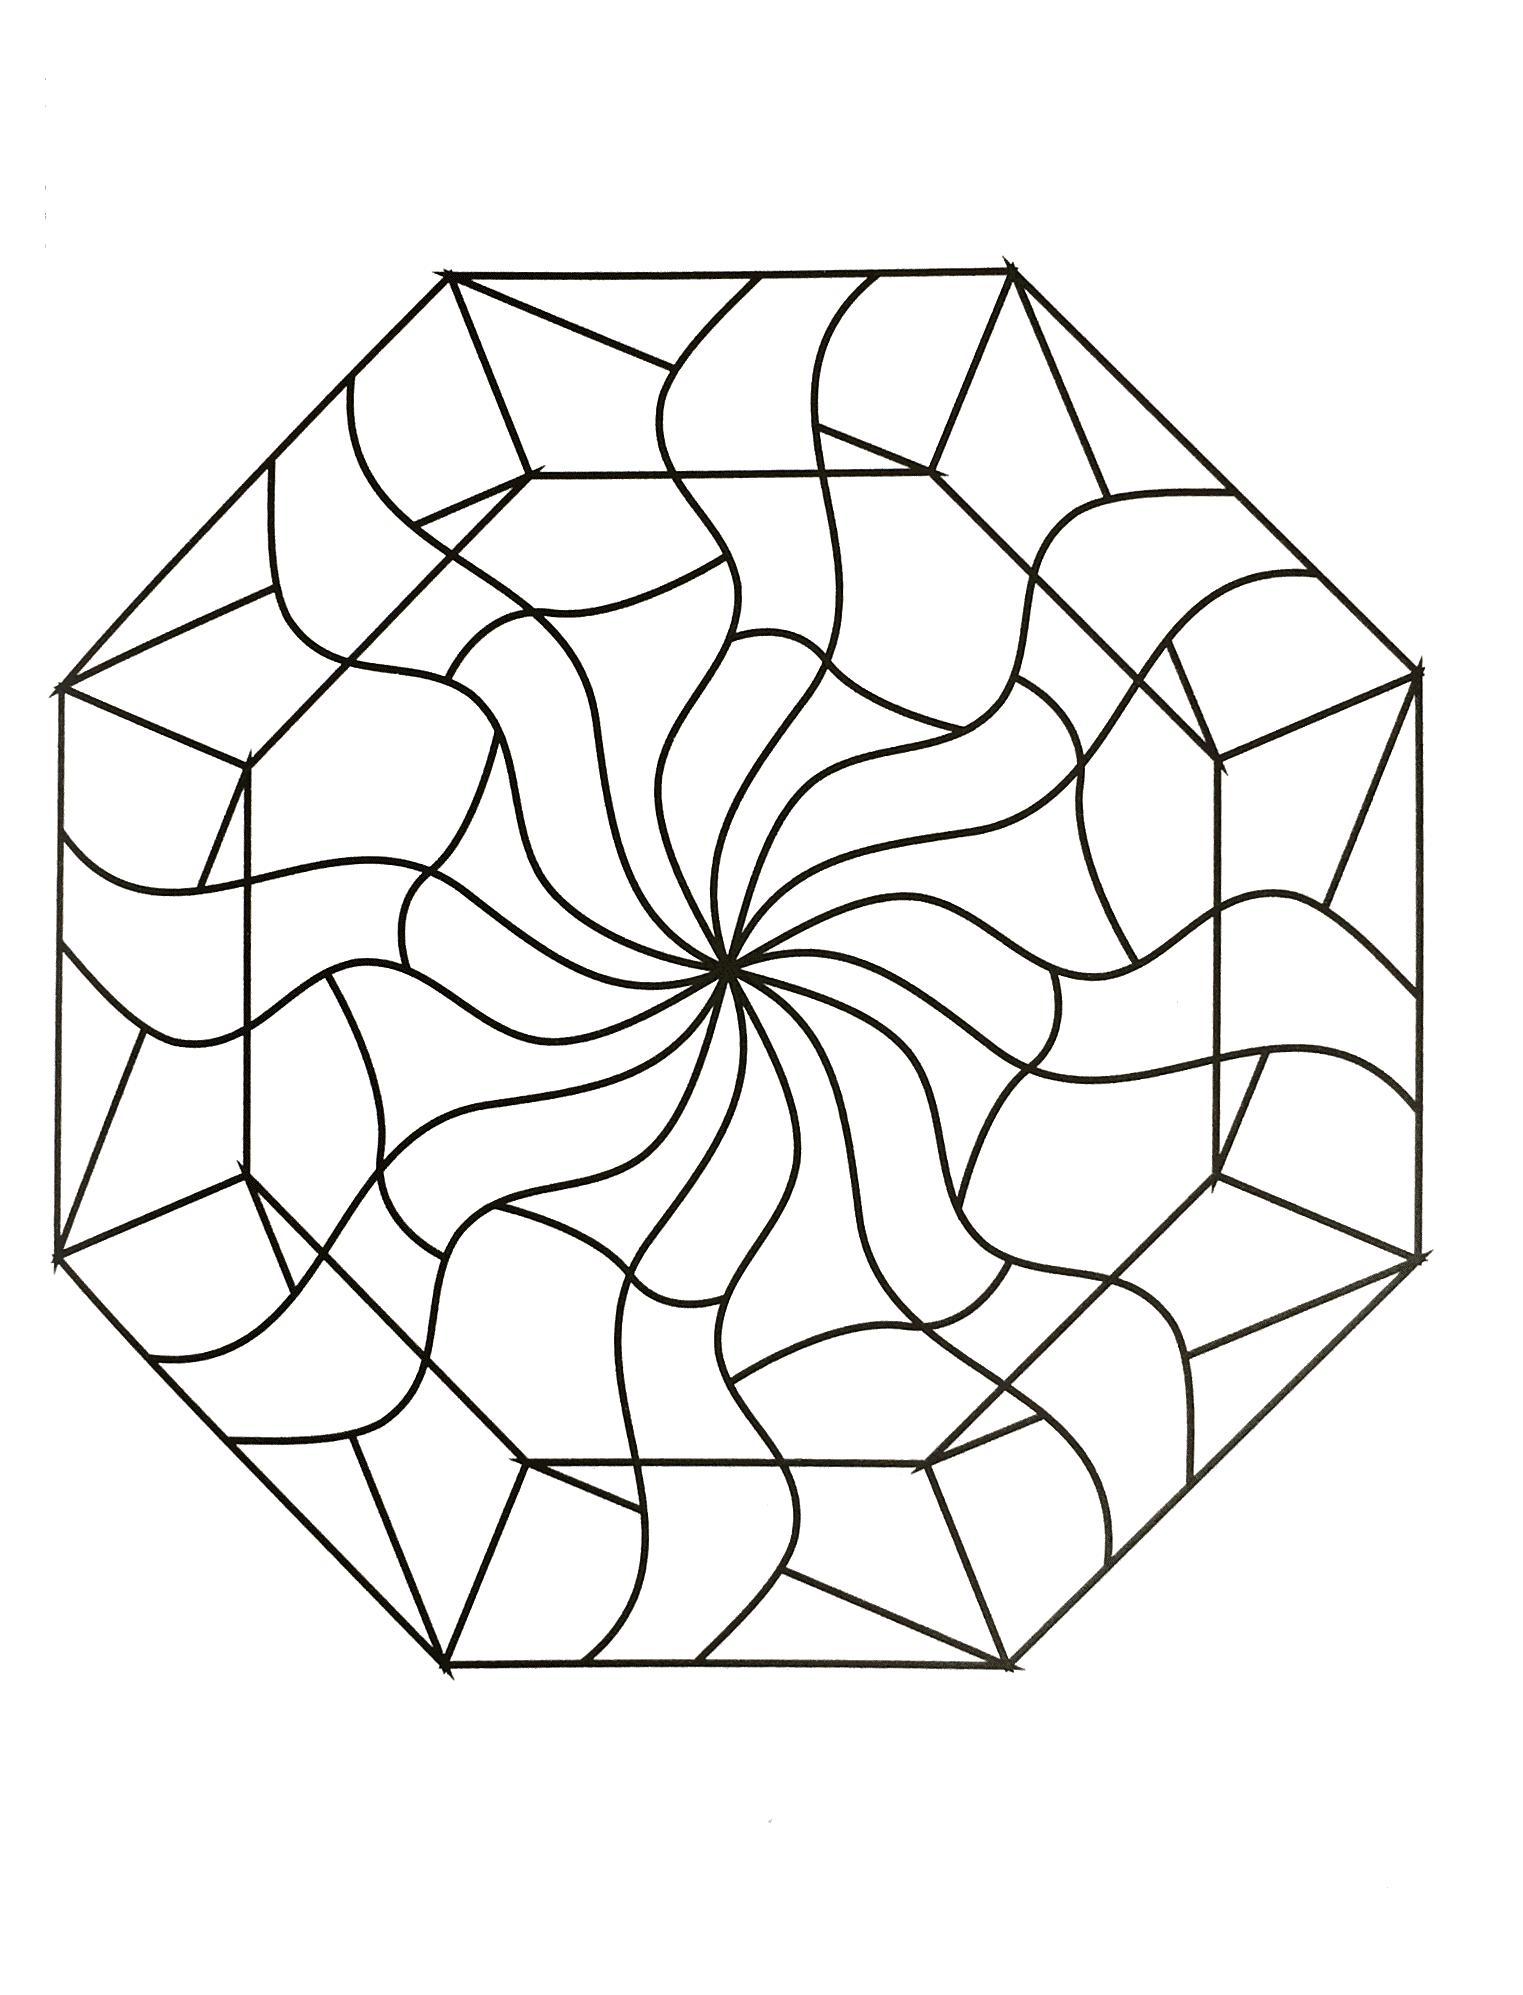 Very cute Anti stress Mandala - Mandalas with Geometric ...